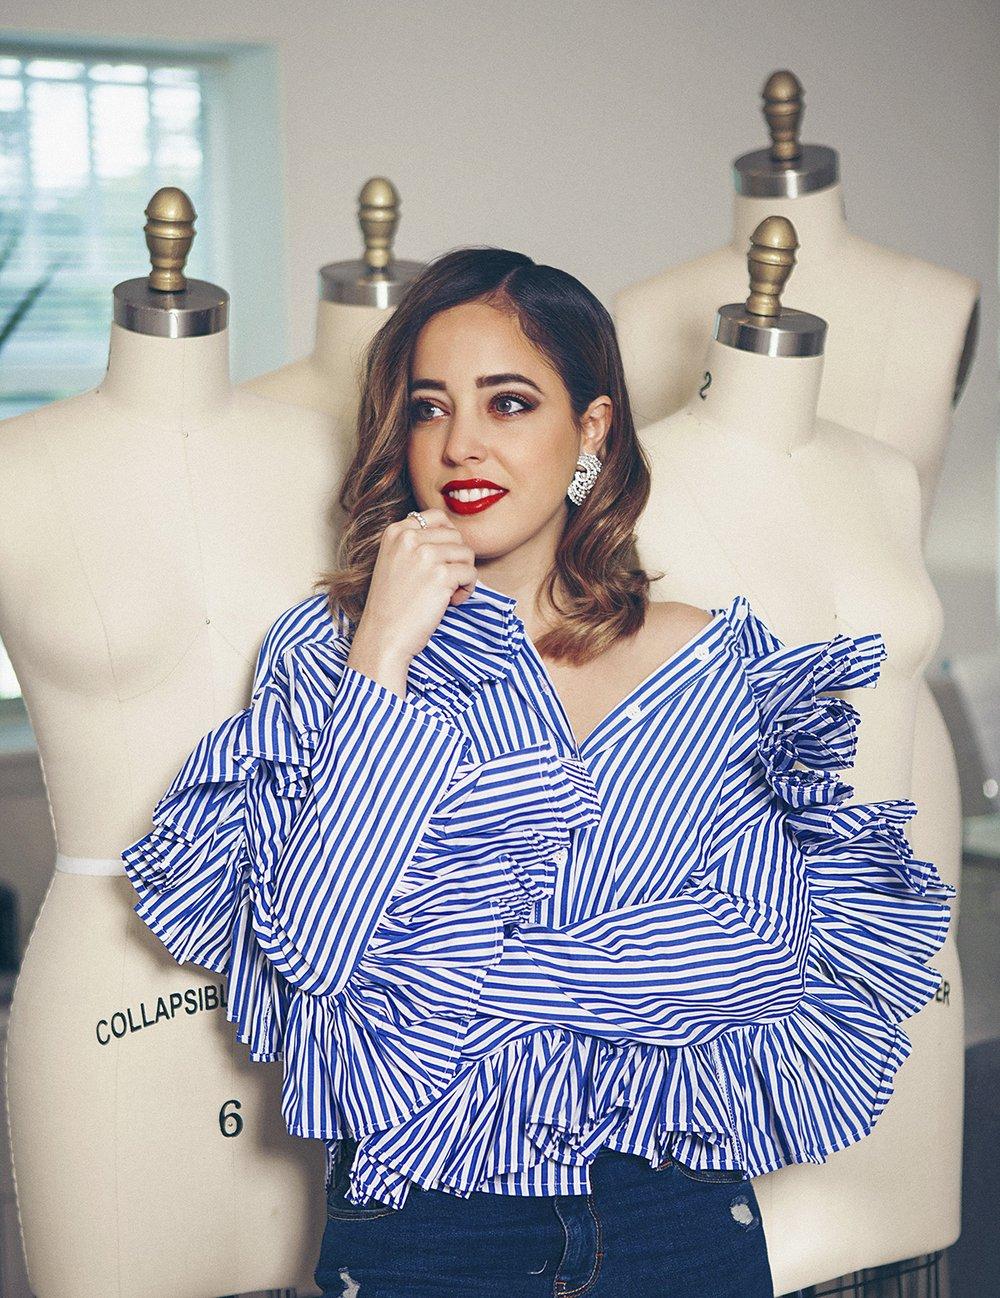 Nathalie Kriado, estilo definido que ha encantado a las celebridades latinas